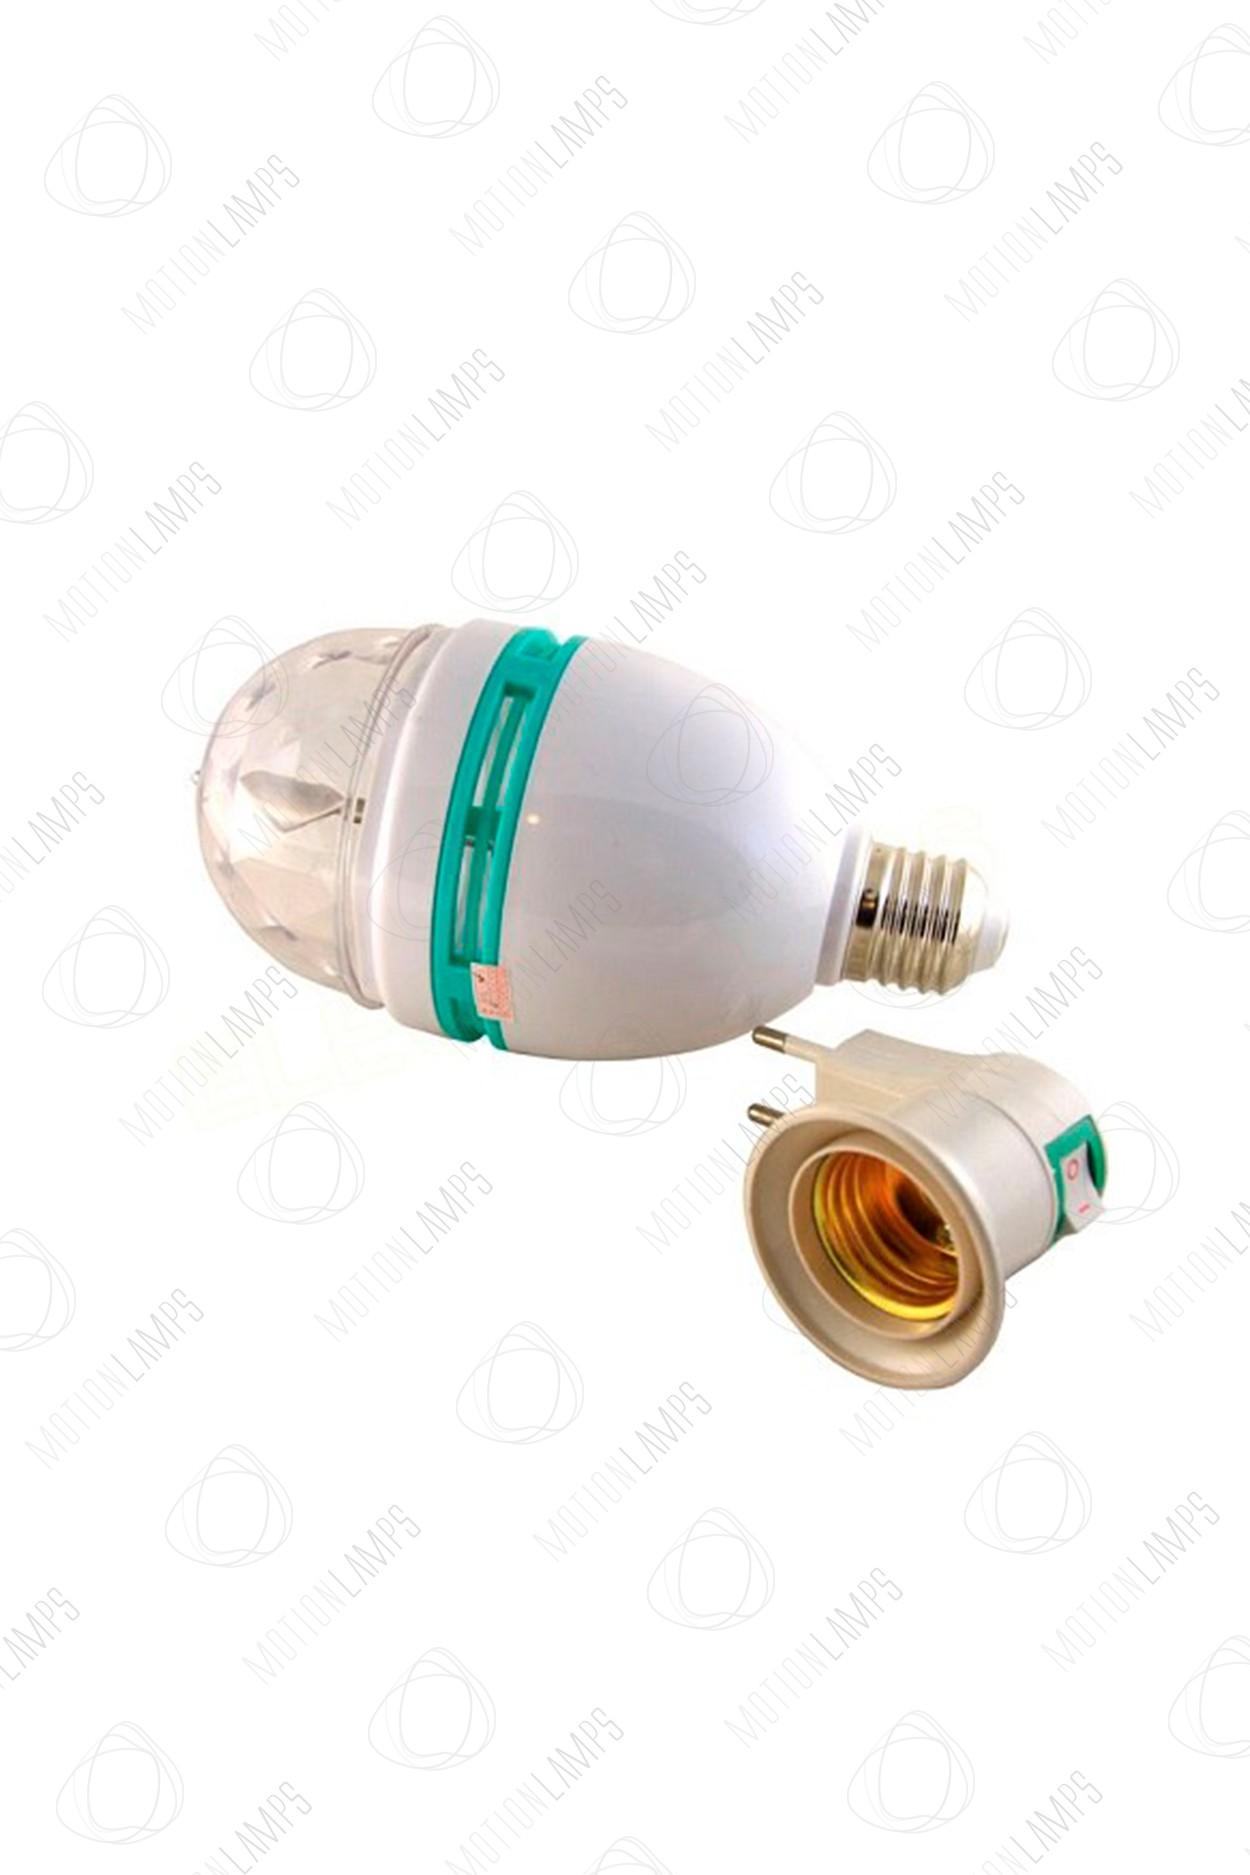 Светодиодная диско-лампа E27 LED с адаптером в Ярославле